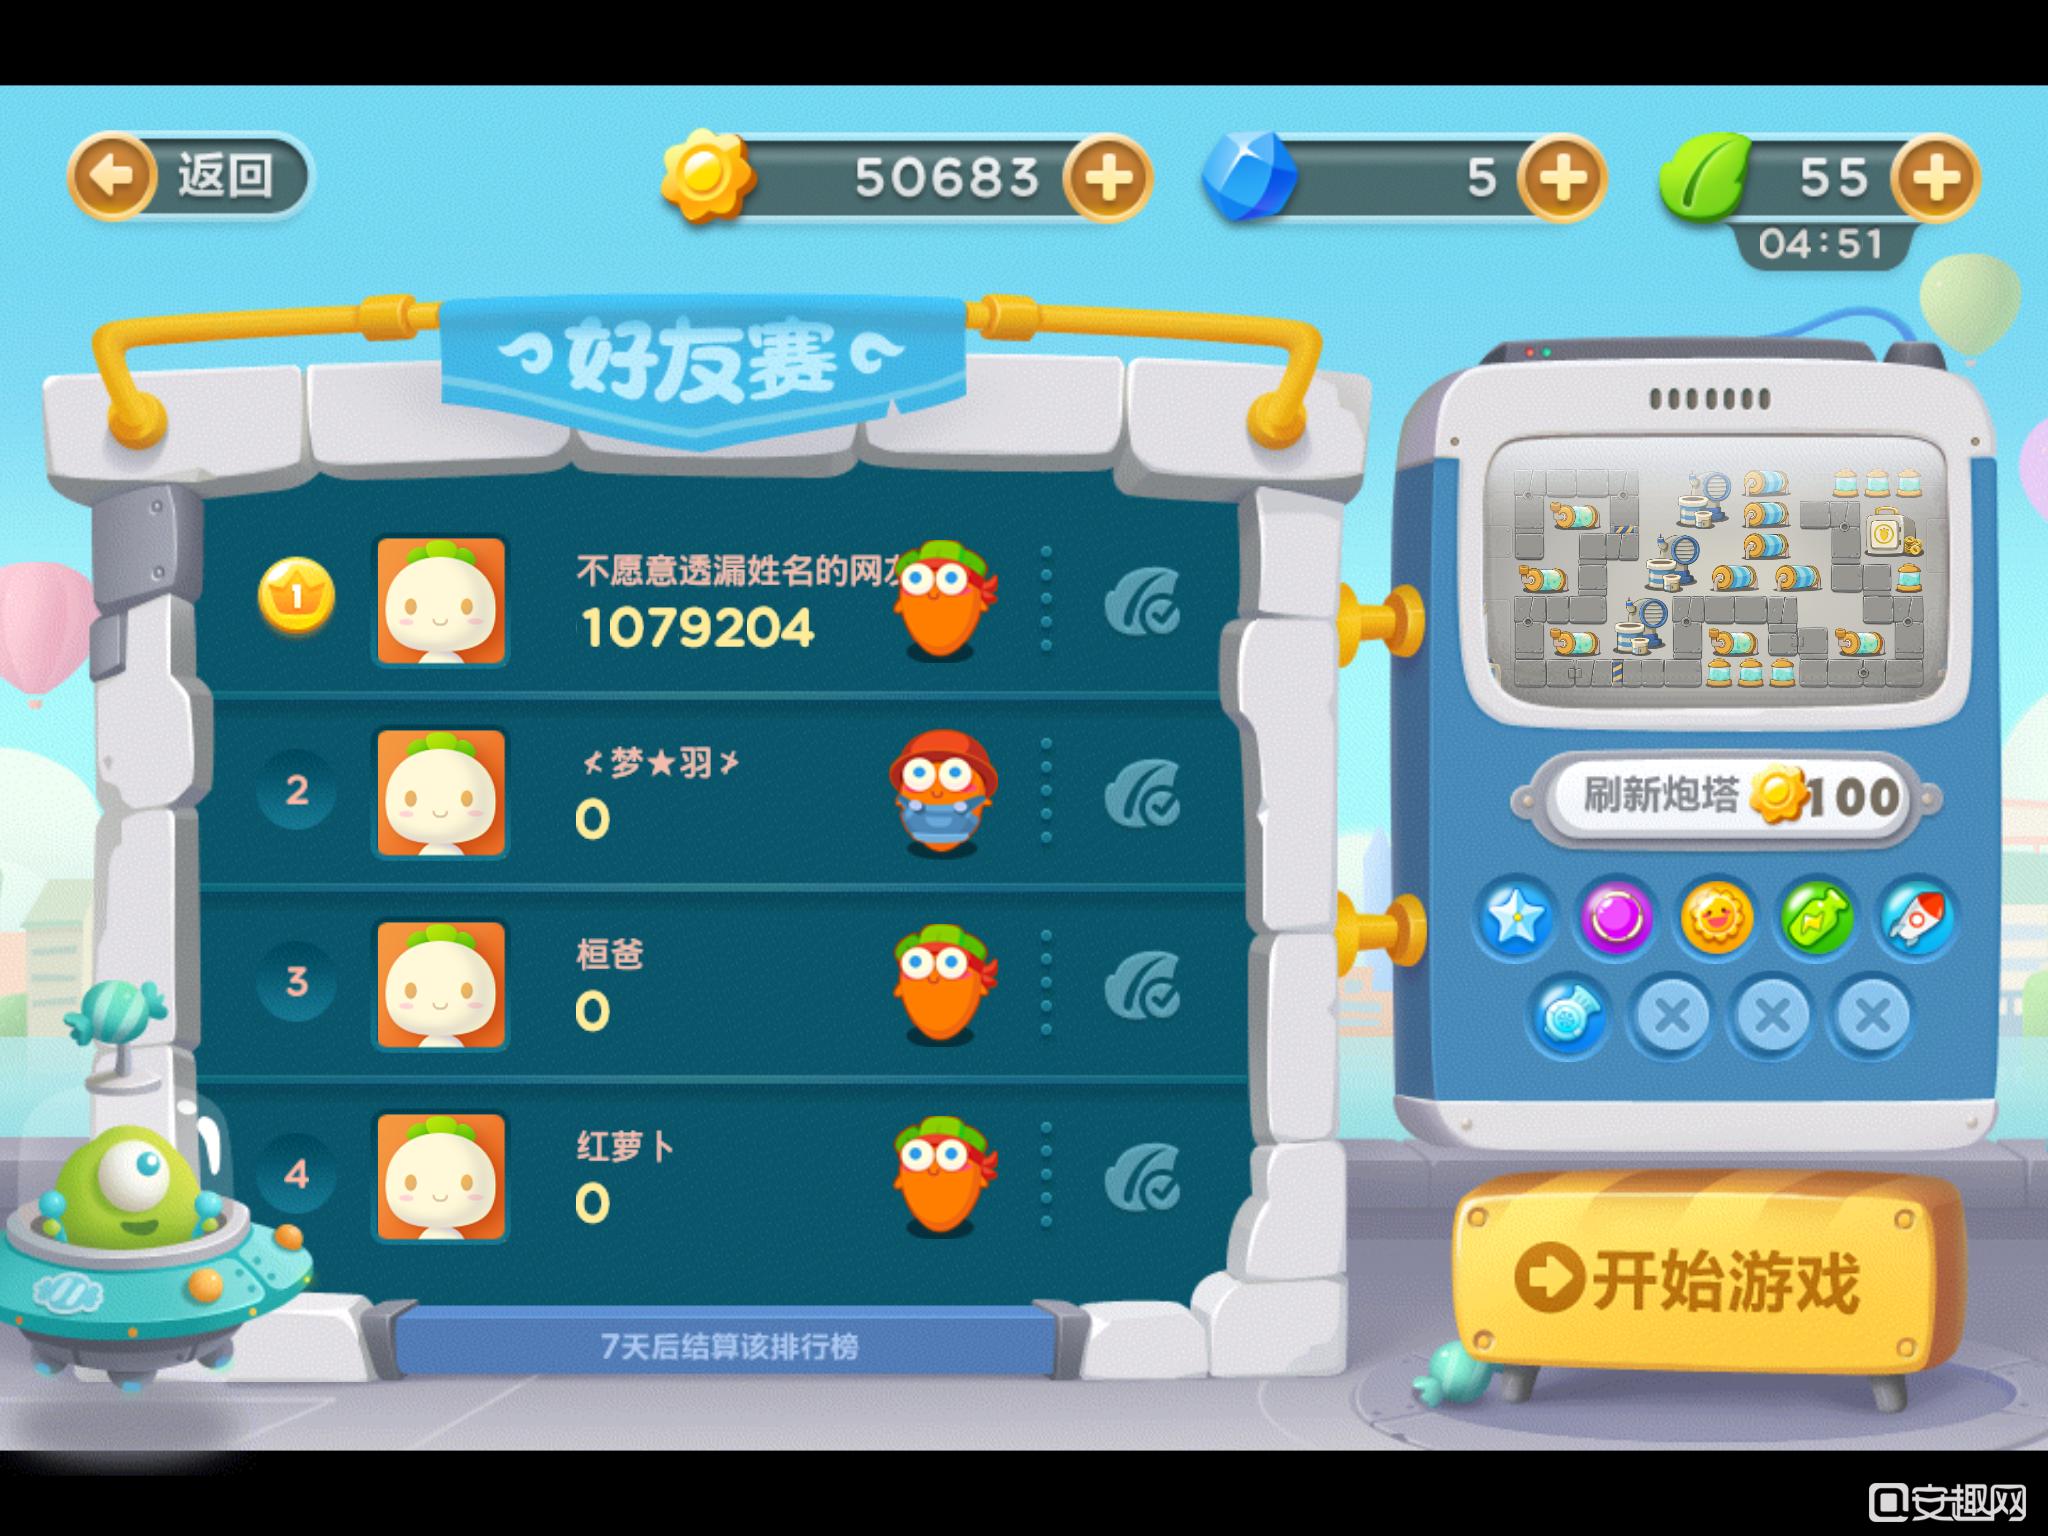 保卫萝卜3互动好友赛怎么玩 赢战积分排行榜